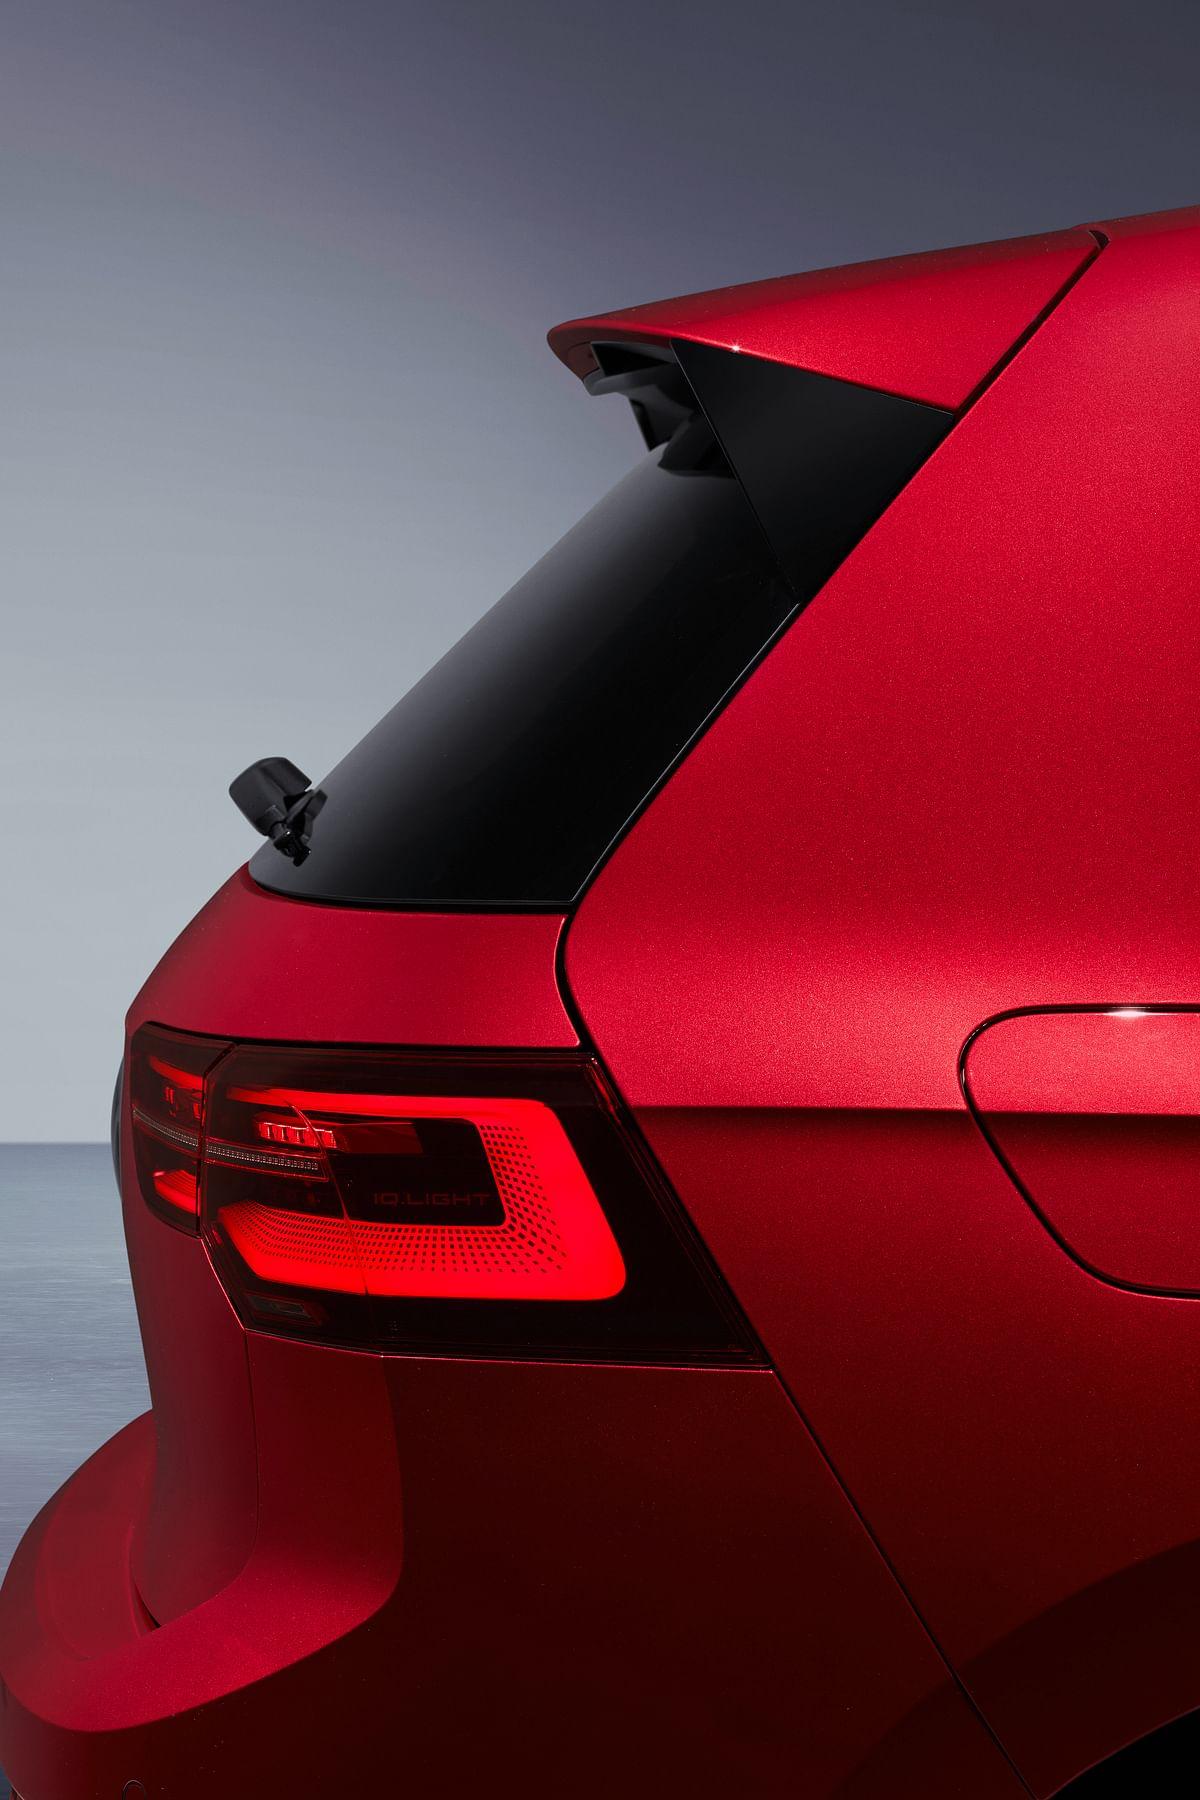 Volkswagen Golf GTI rear side